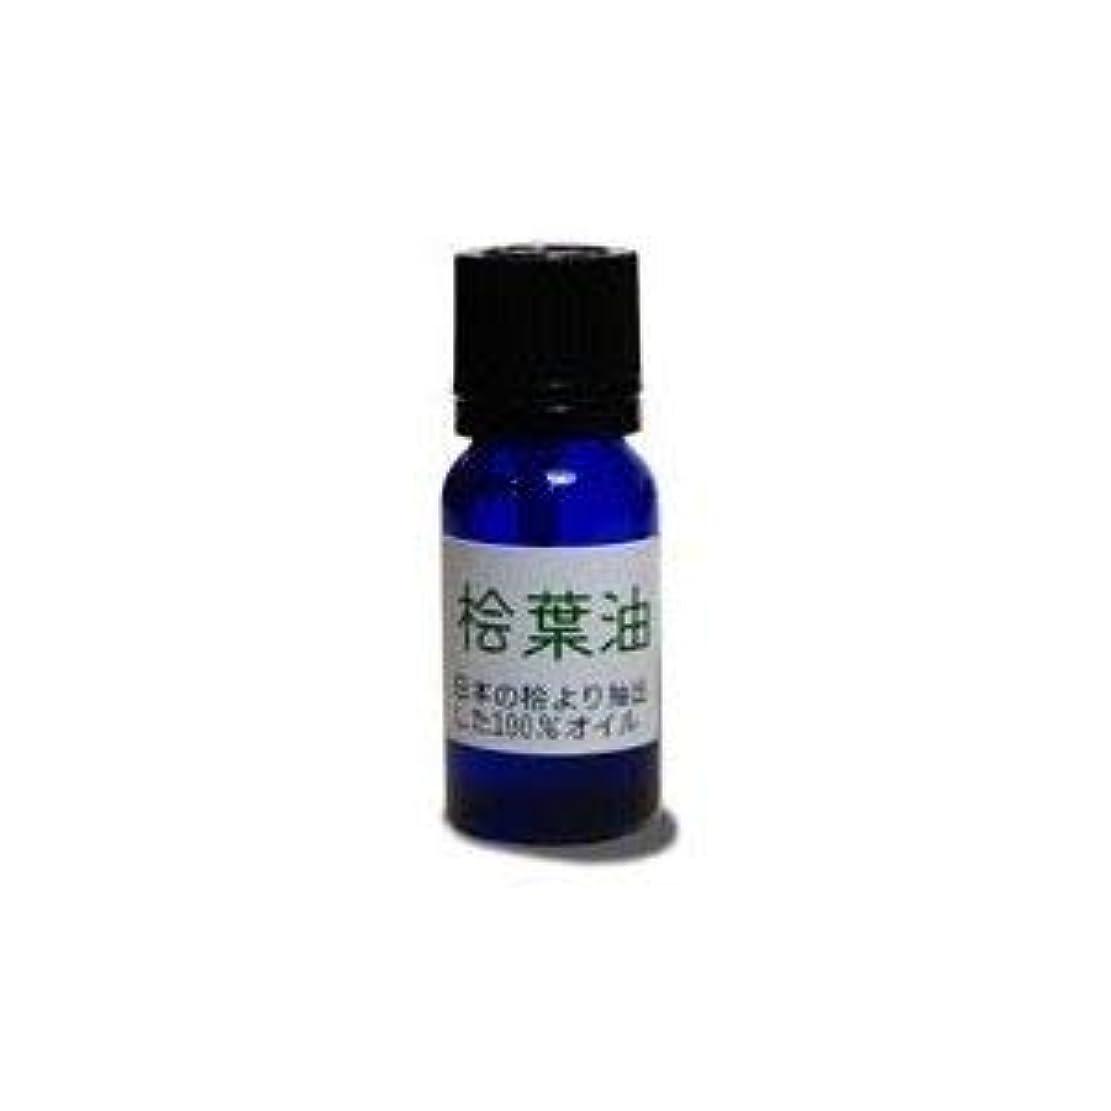 インディカきらめきサーマルひのき葉オイル (希少なひのきの「葉」から抽出した100%天然のヒノキ葉オイル)5ml アロマ、お部屋やお車の芳香剤、お風呂の入浴剤にhinoki oil 桧葉油